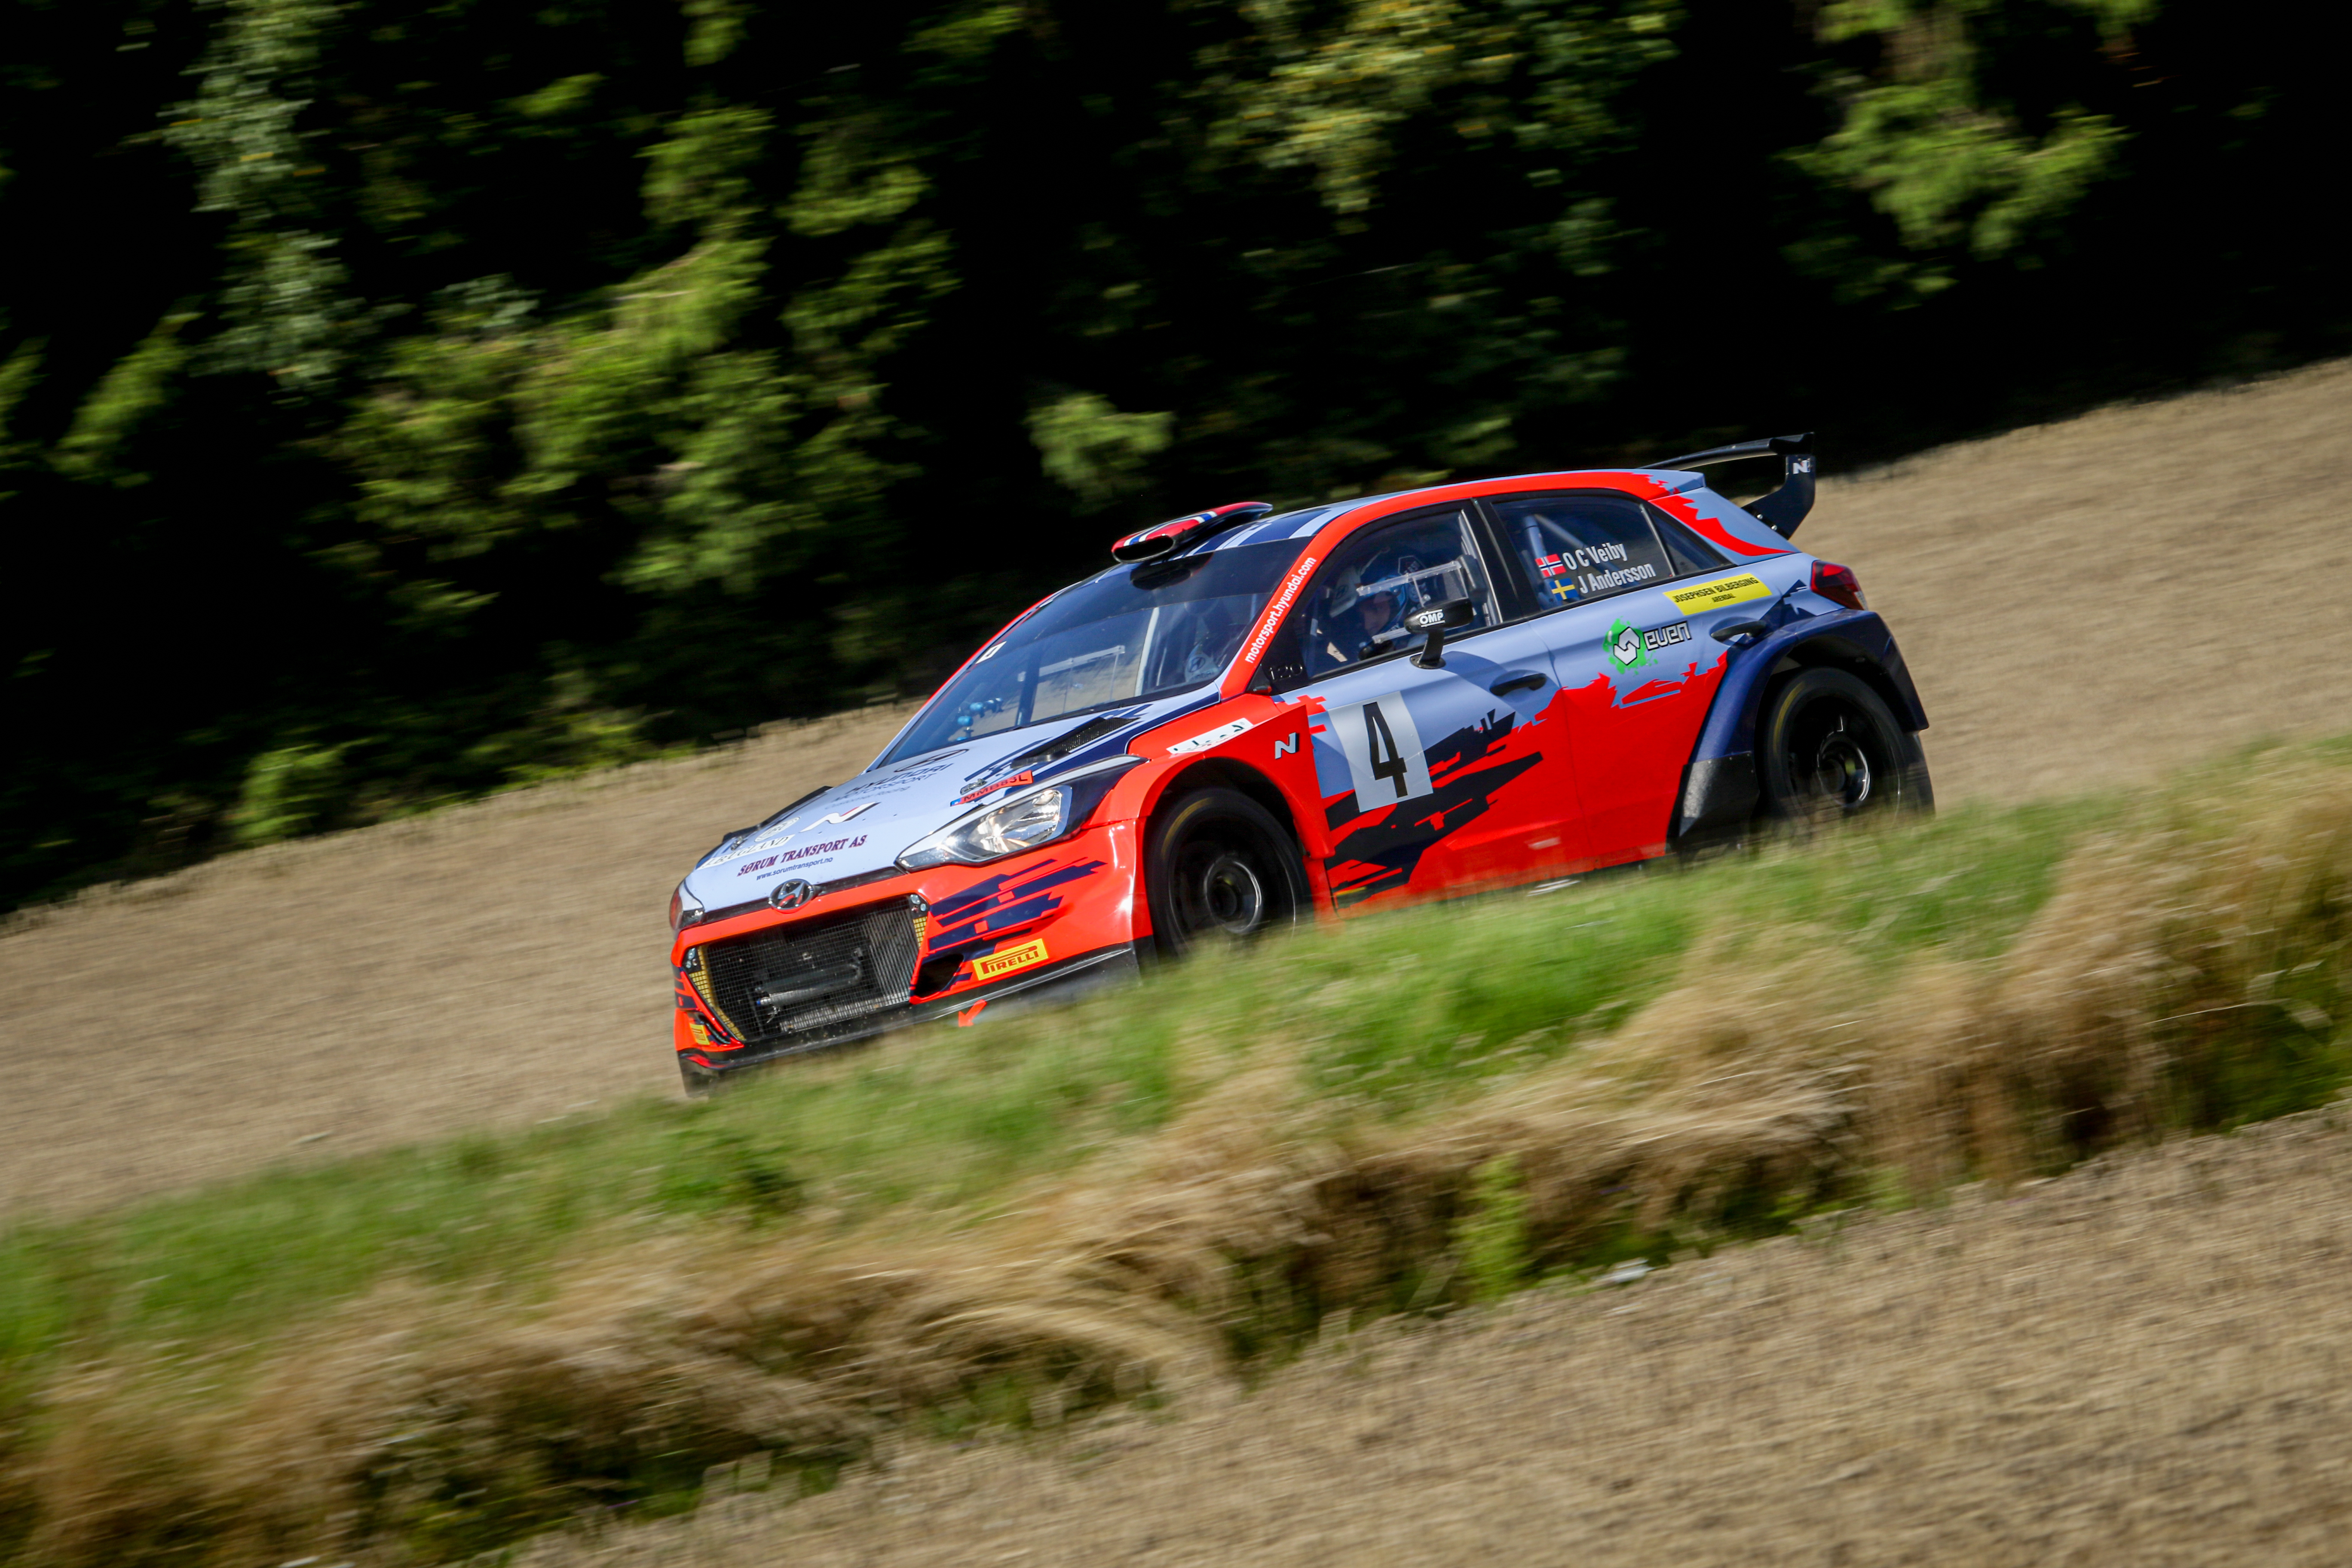 Ole Christian Veiby - i20 R5 - Sommer Rally Grimstad